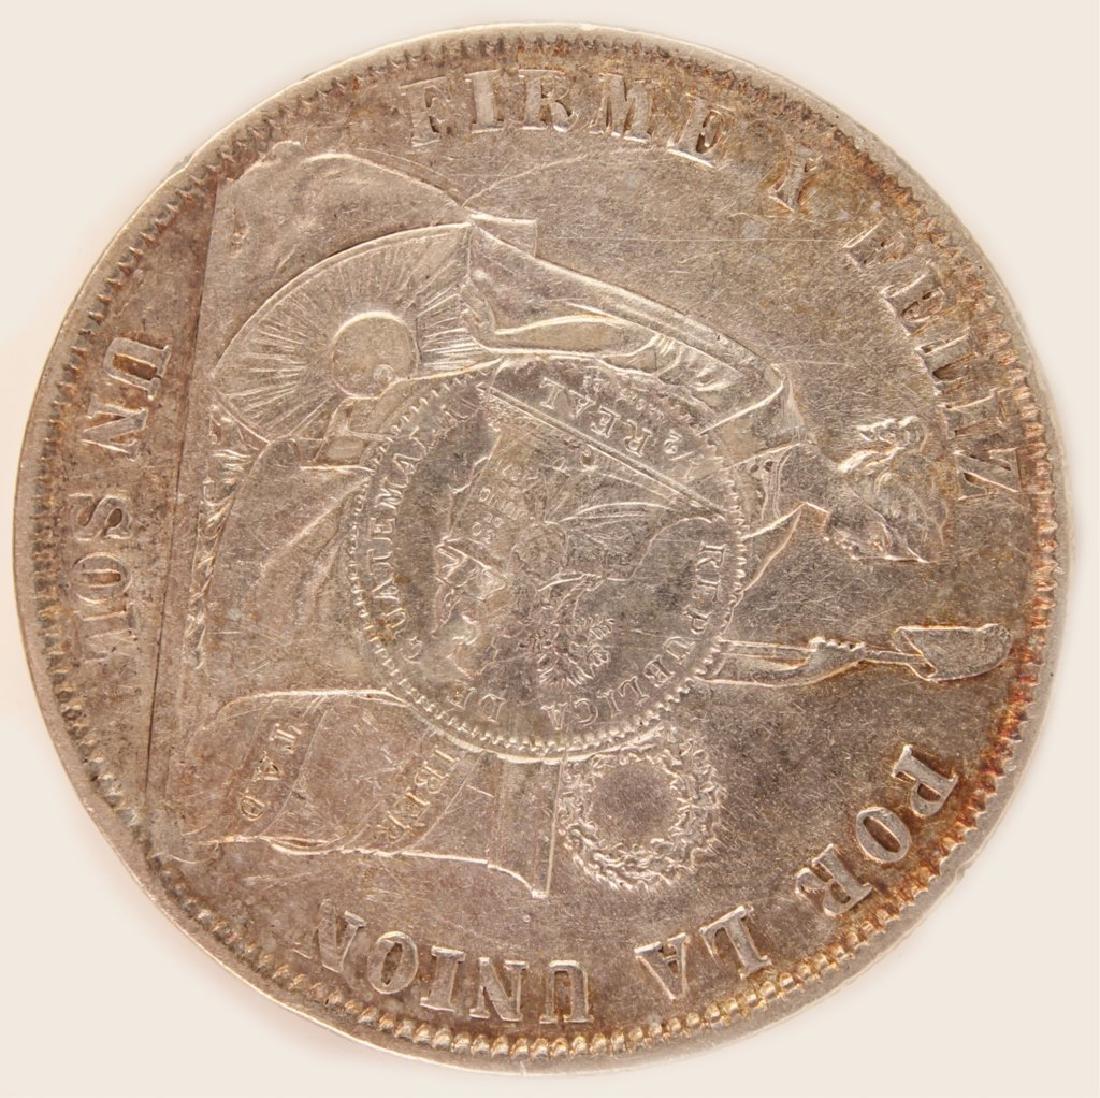 1868 COUNTERSTAMPED PERU GUATEMALA SILVER UN SOL - 2